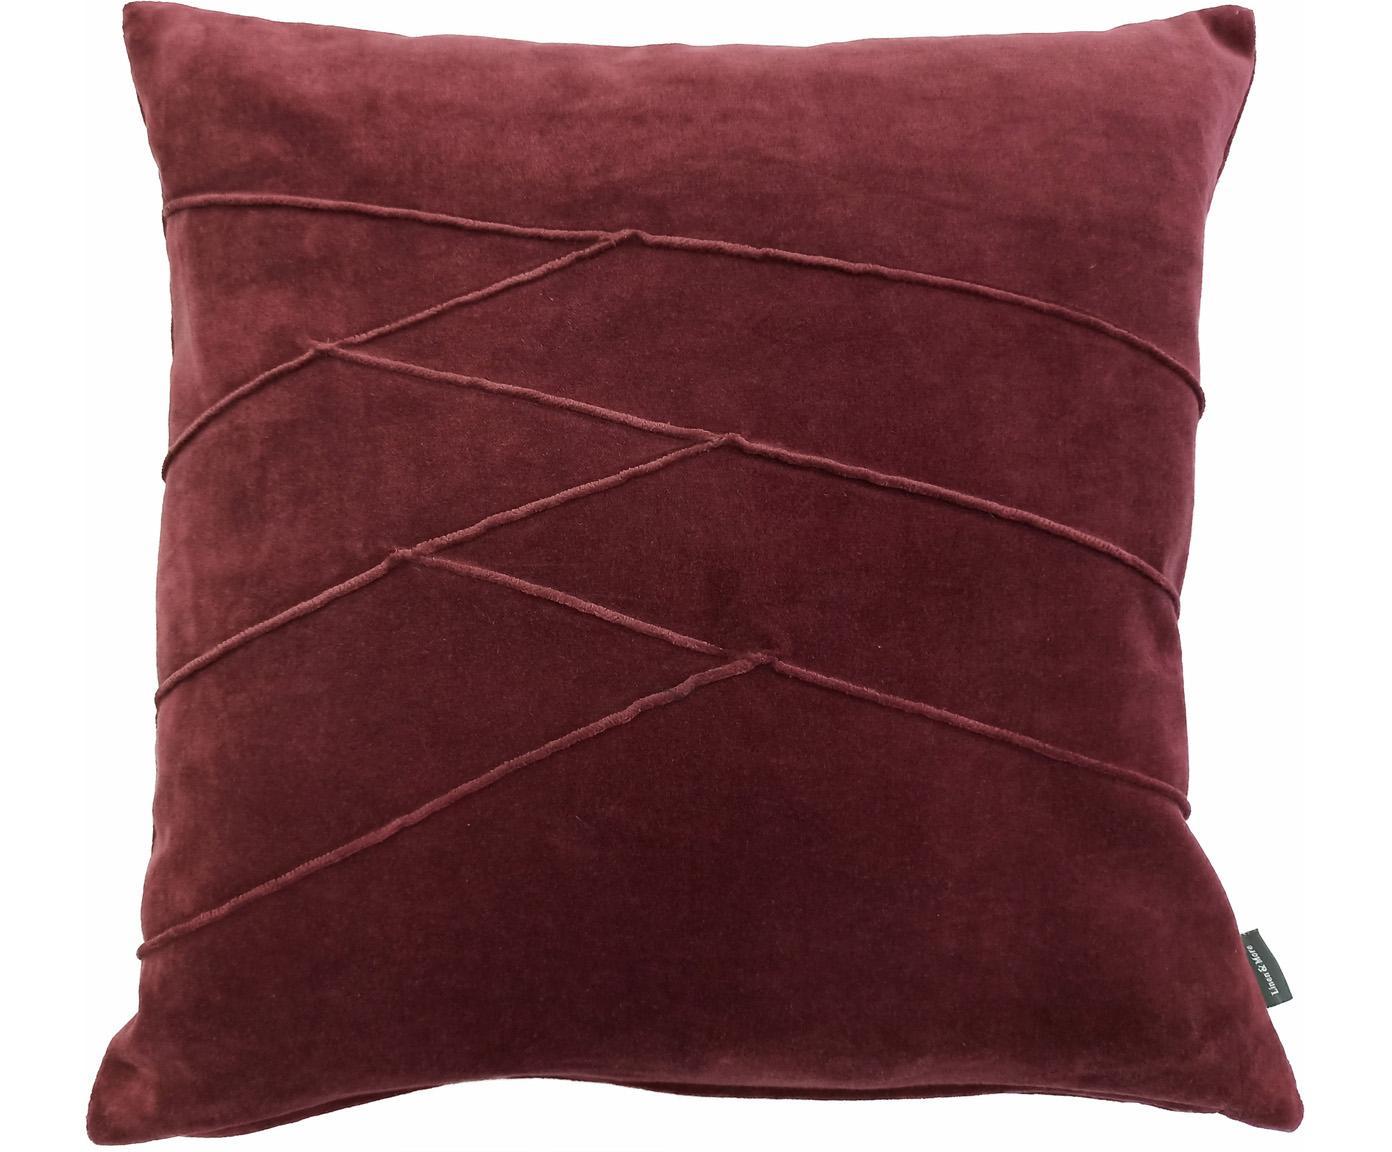 Cuscino in velluto con imbottitura Pintuck, Rivestimento: 55% rayon, 45% cotone, Bordeaux, Larg. 45 x Lung. 45 cm